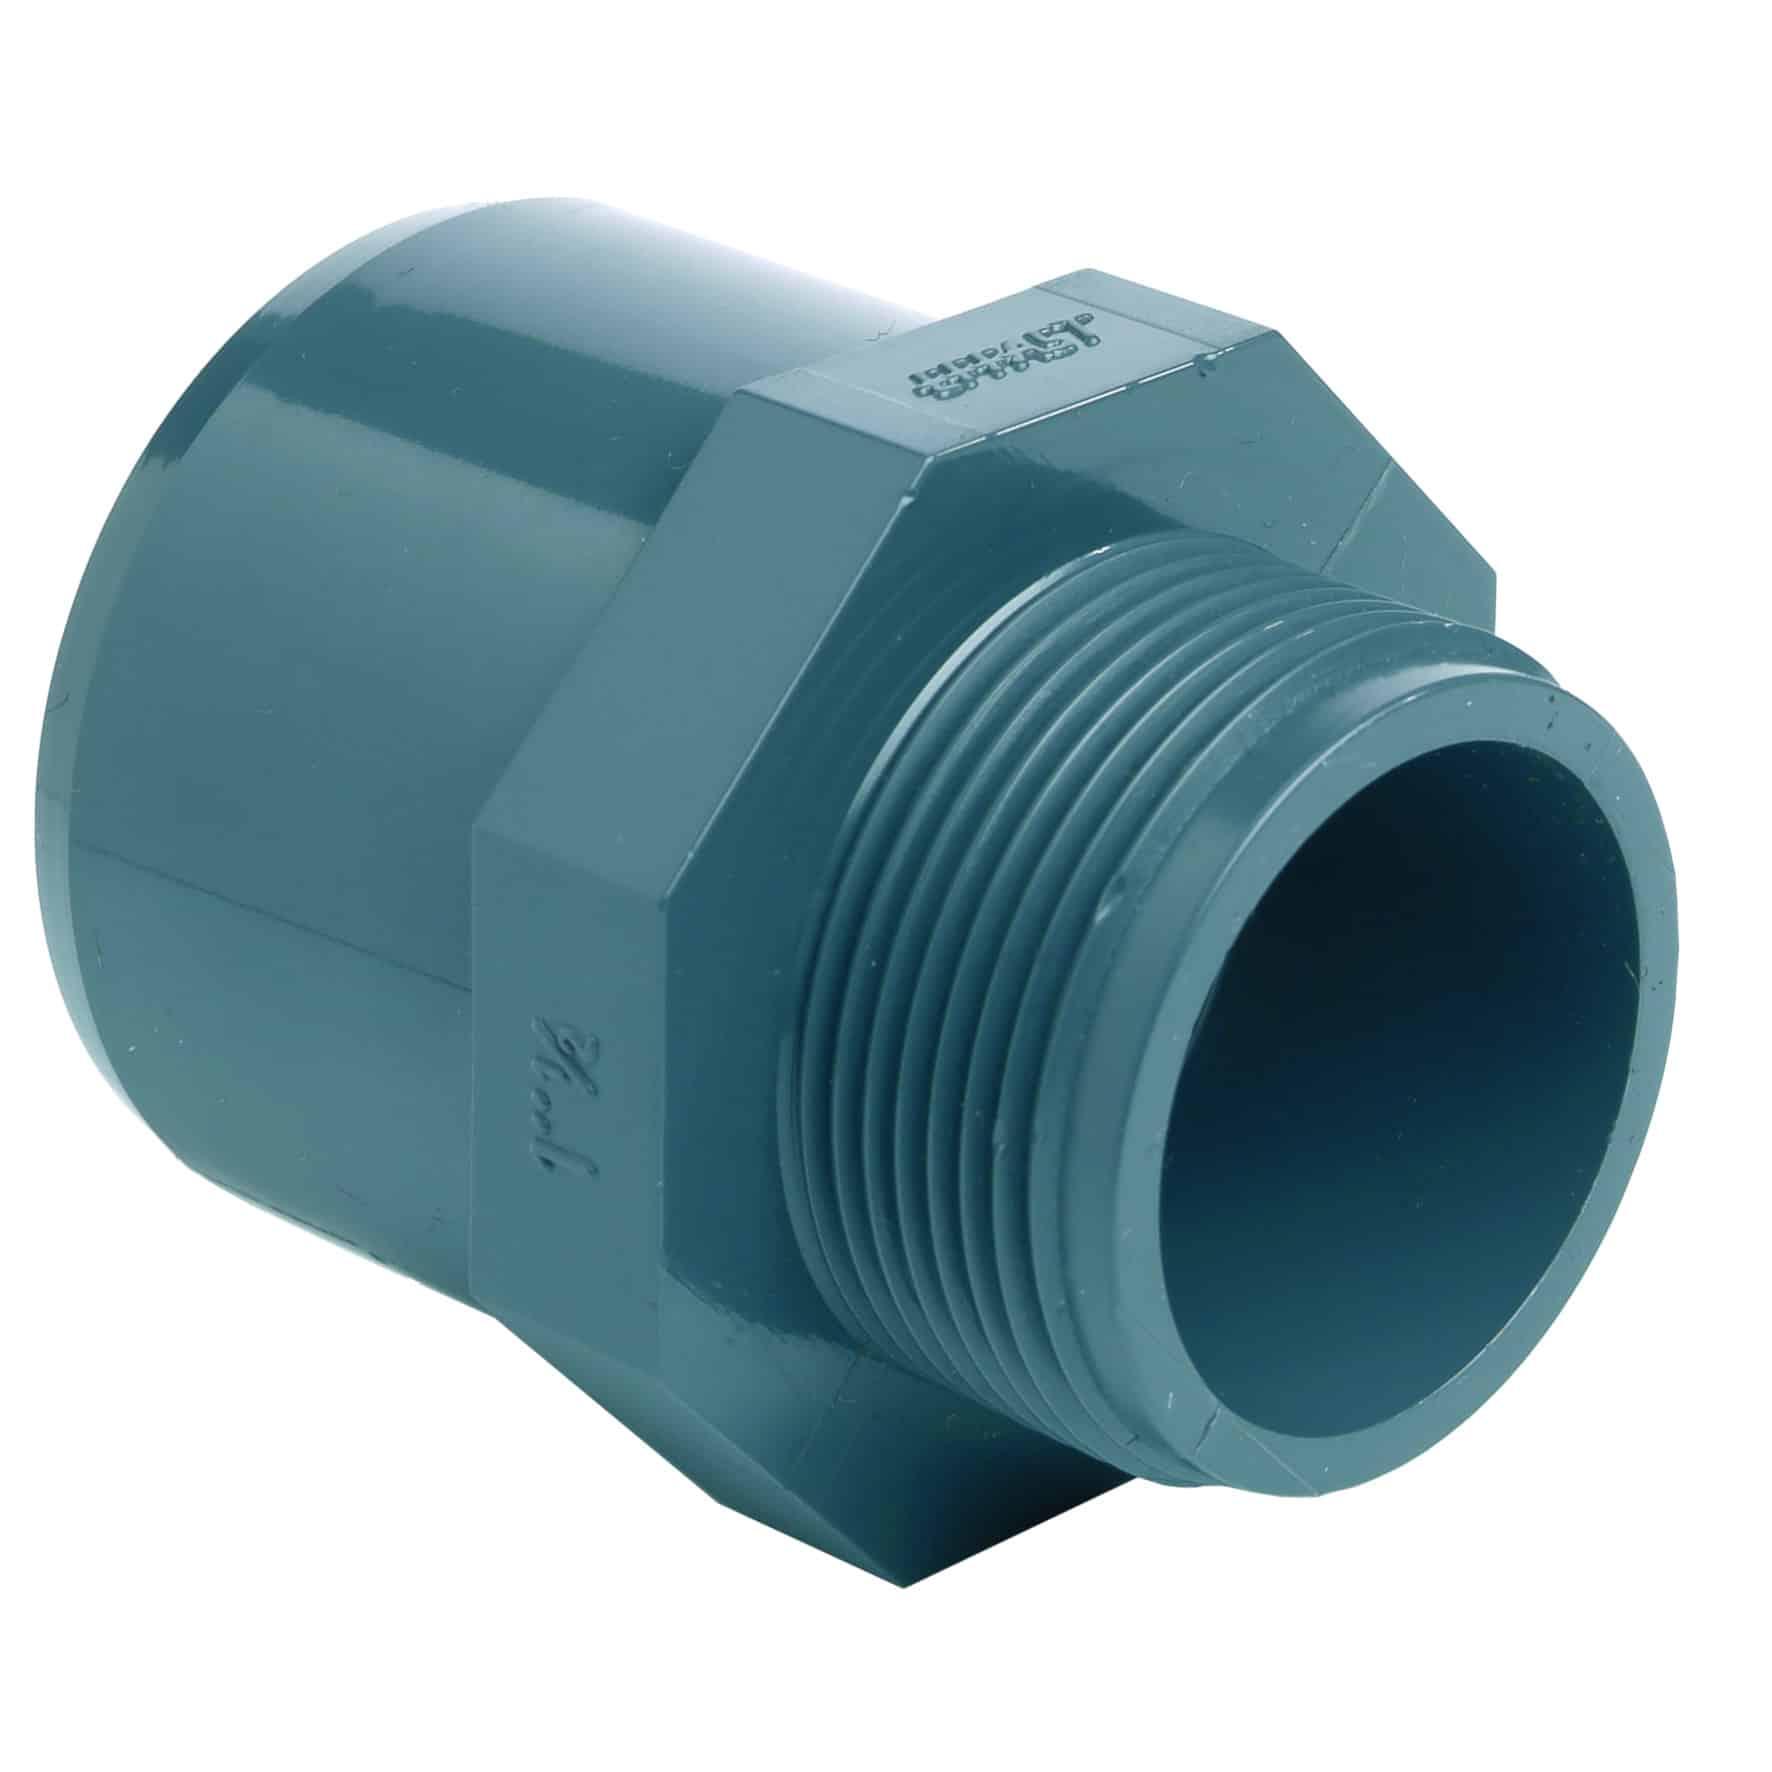 PVC-U adattatore maschio - EFFAST - 100% Made in Italy